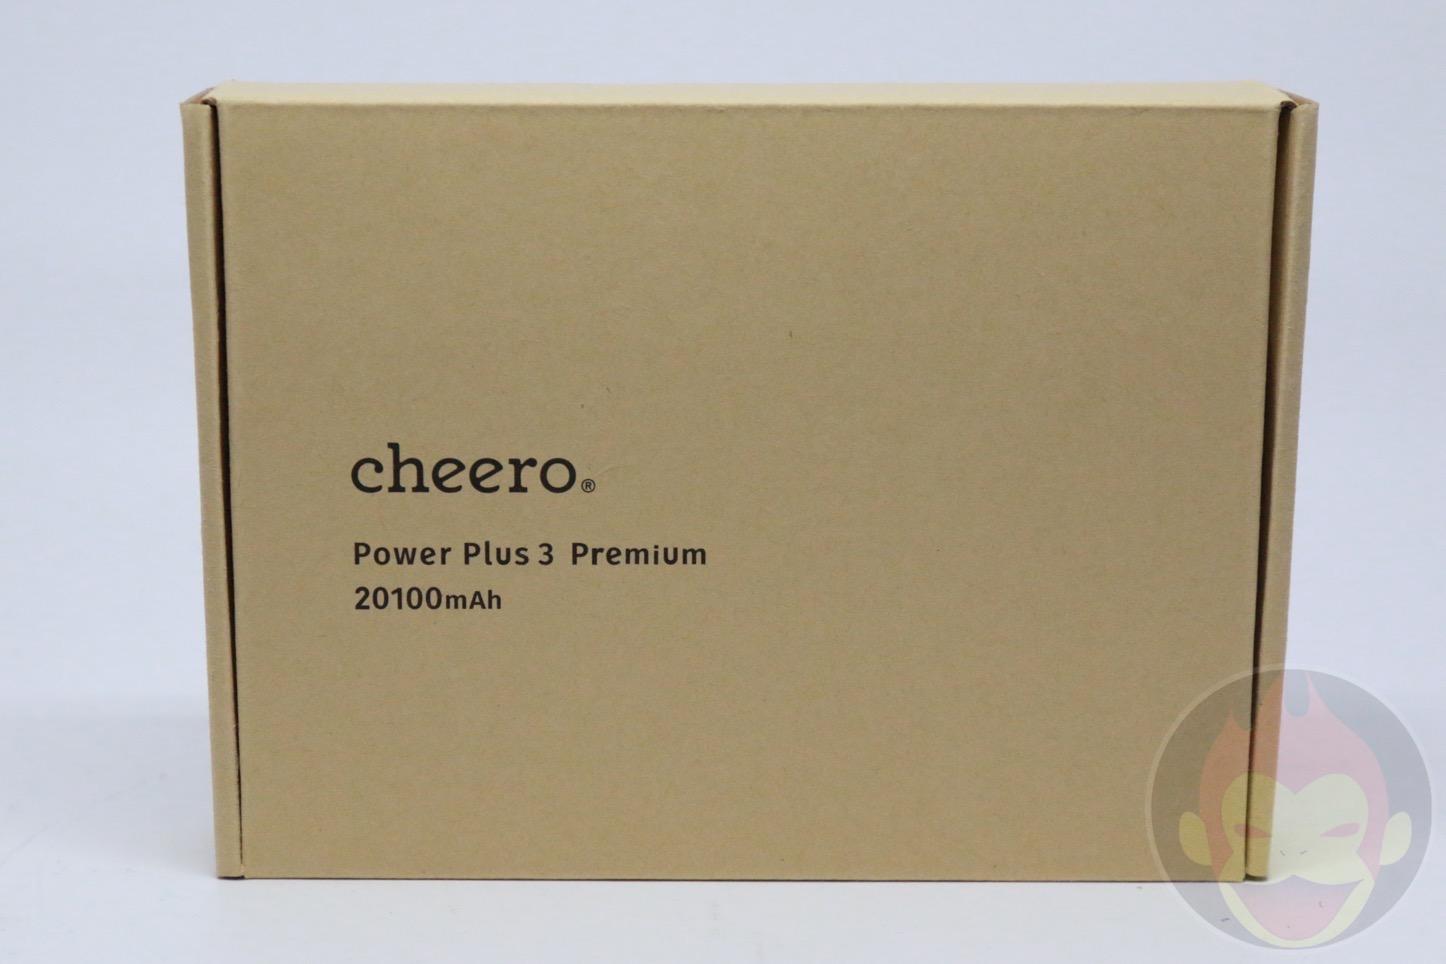 cheero-Power-Plus-3-Premium-20100-12.jpg